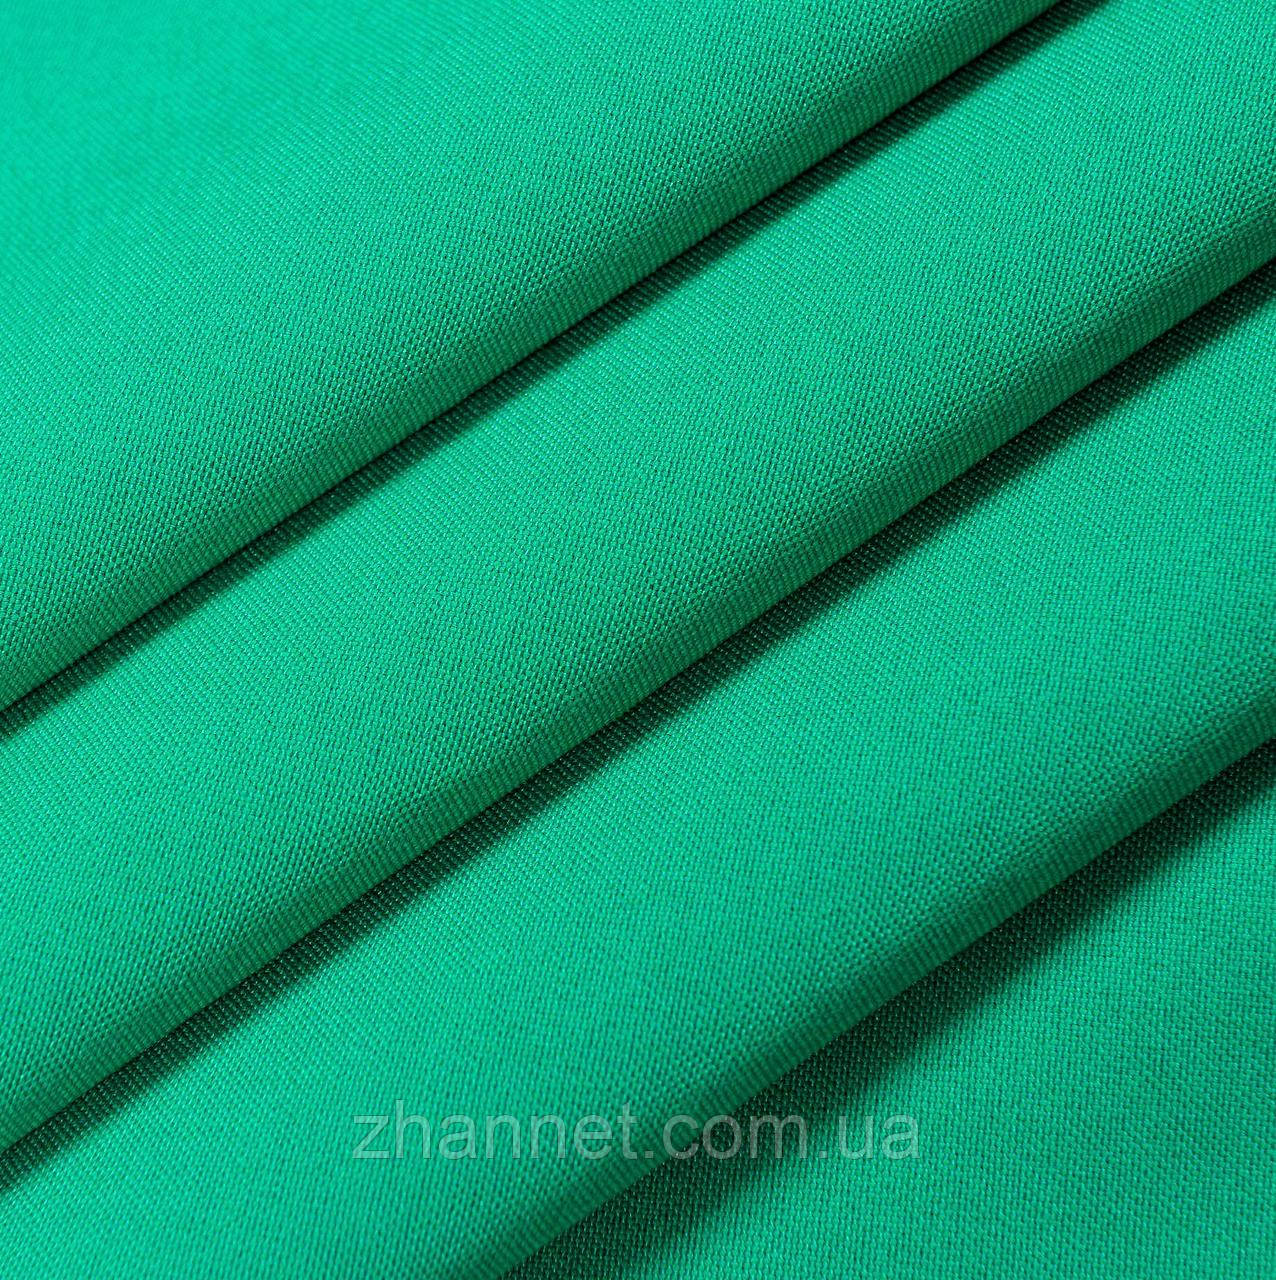 Тканина для штор Kanzas яскраво-зелений